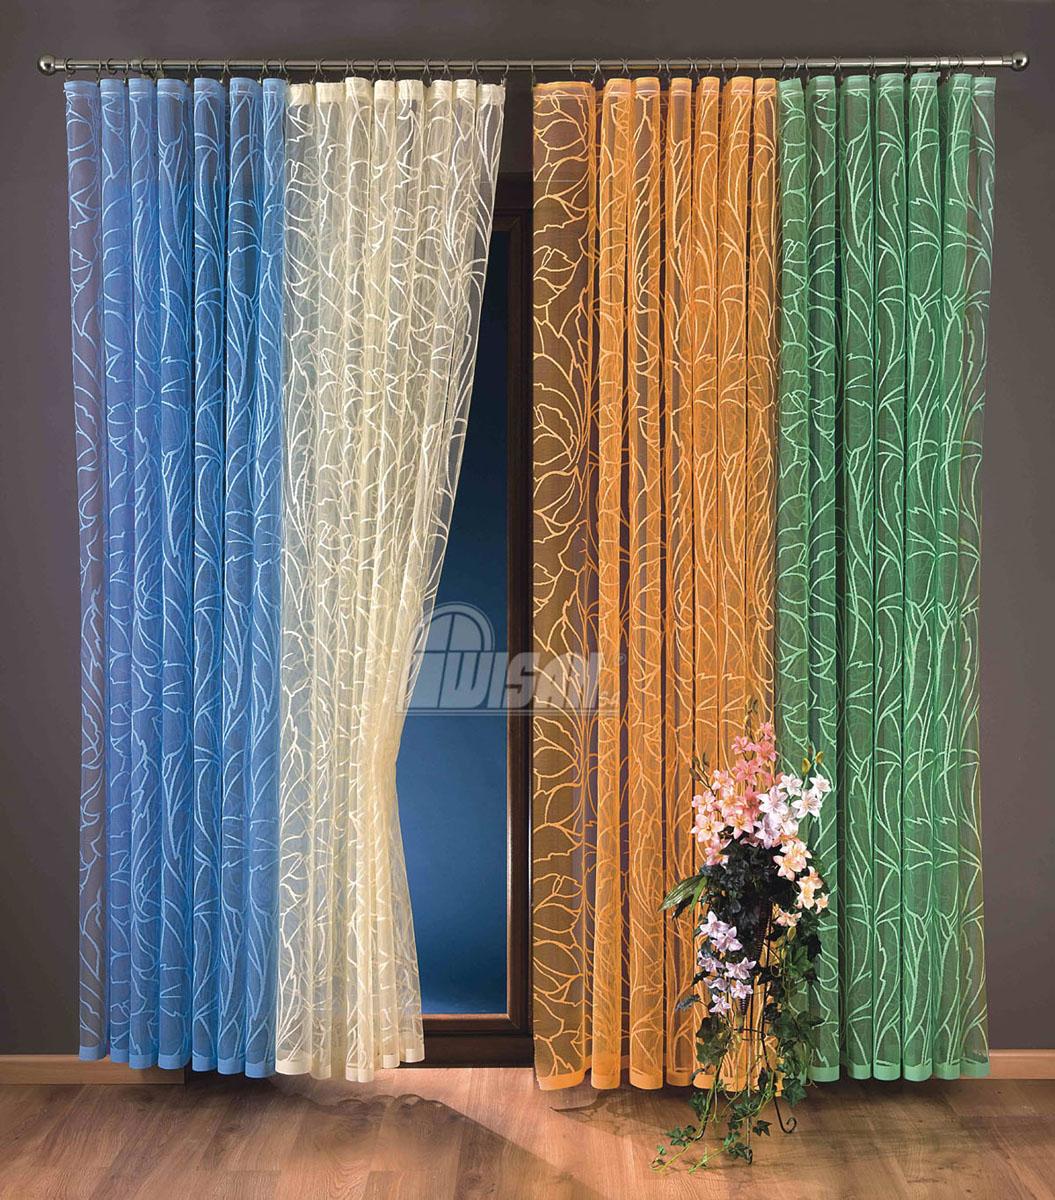 Гардина-тюль Zara, на ленте, цвет: зеленый, высота 250 см737208Воздушная гардина-тюль Zara, изготовленная из полиэстера зеленого цвета, станет великолепным украшением любого окна. Тонкое плетение, оригинальный дизайн и приятная цветовая гамма привлекут к себе внимание и органично впишутся в интерьер комнаты. В гардину-тюль вшита шторная лента. Характеристики: Материал: 100% полиэстер. Цвет: зеленый. Размер упаковки: 27 см х 36 см х 2 см. Артикул: 737208. В комплект входит: Гардина-тюль - 1 шт. Размер (Ш х В): 150 см х 250 см. Фирма Wisan на польском рынке существует уже более пятидесяти лет и является одной из лучших польских фабрик по производству штор и тканей. Ассортимент фирмы представлен готовыми комплектами штор для гостиной, детской, кухни, а также текстилем для кухни (скатерти, салфетки, дорожки, кухонные занавески). Модельный ряд отличает оригинальный дизайн, высокое качество. Ассортимент продукции постоянно пополняется. УВАЖАЕМЫЕ КЛИЕНТЫ! ...